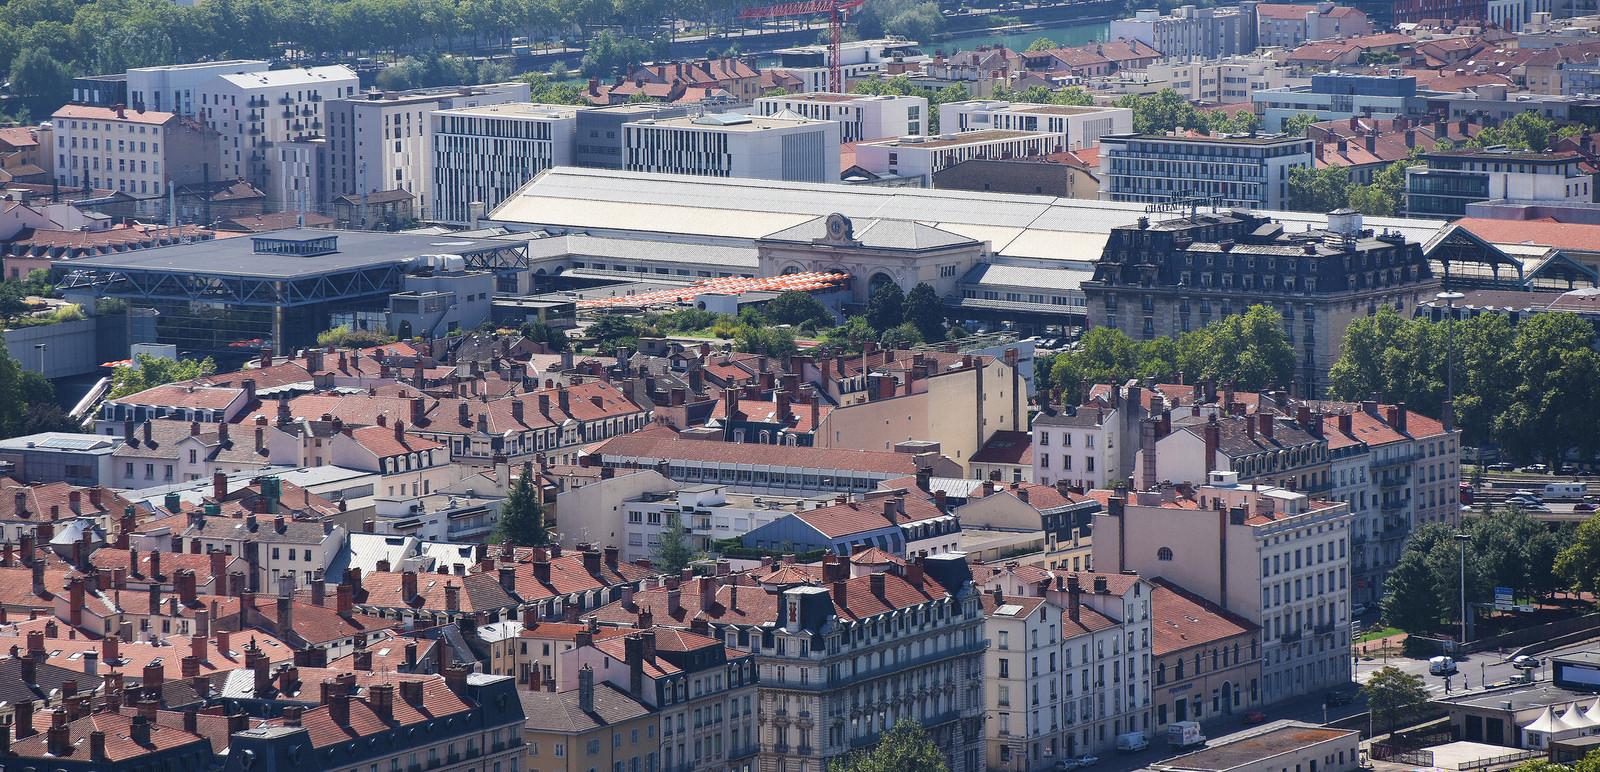 Lyon Perrache